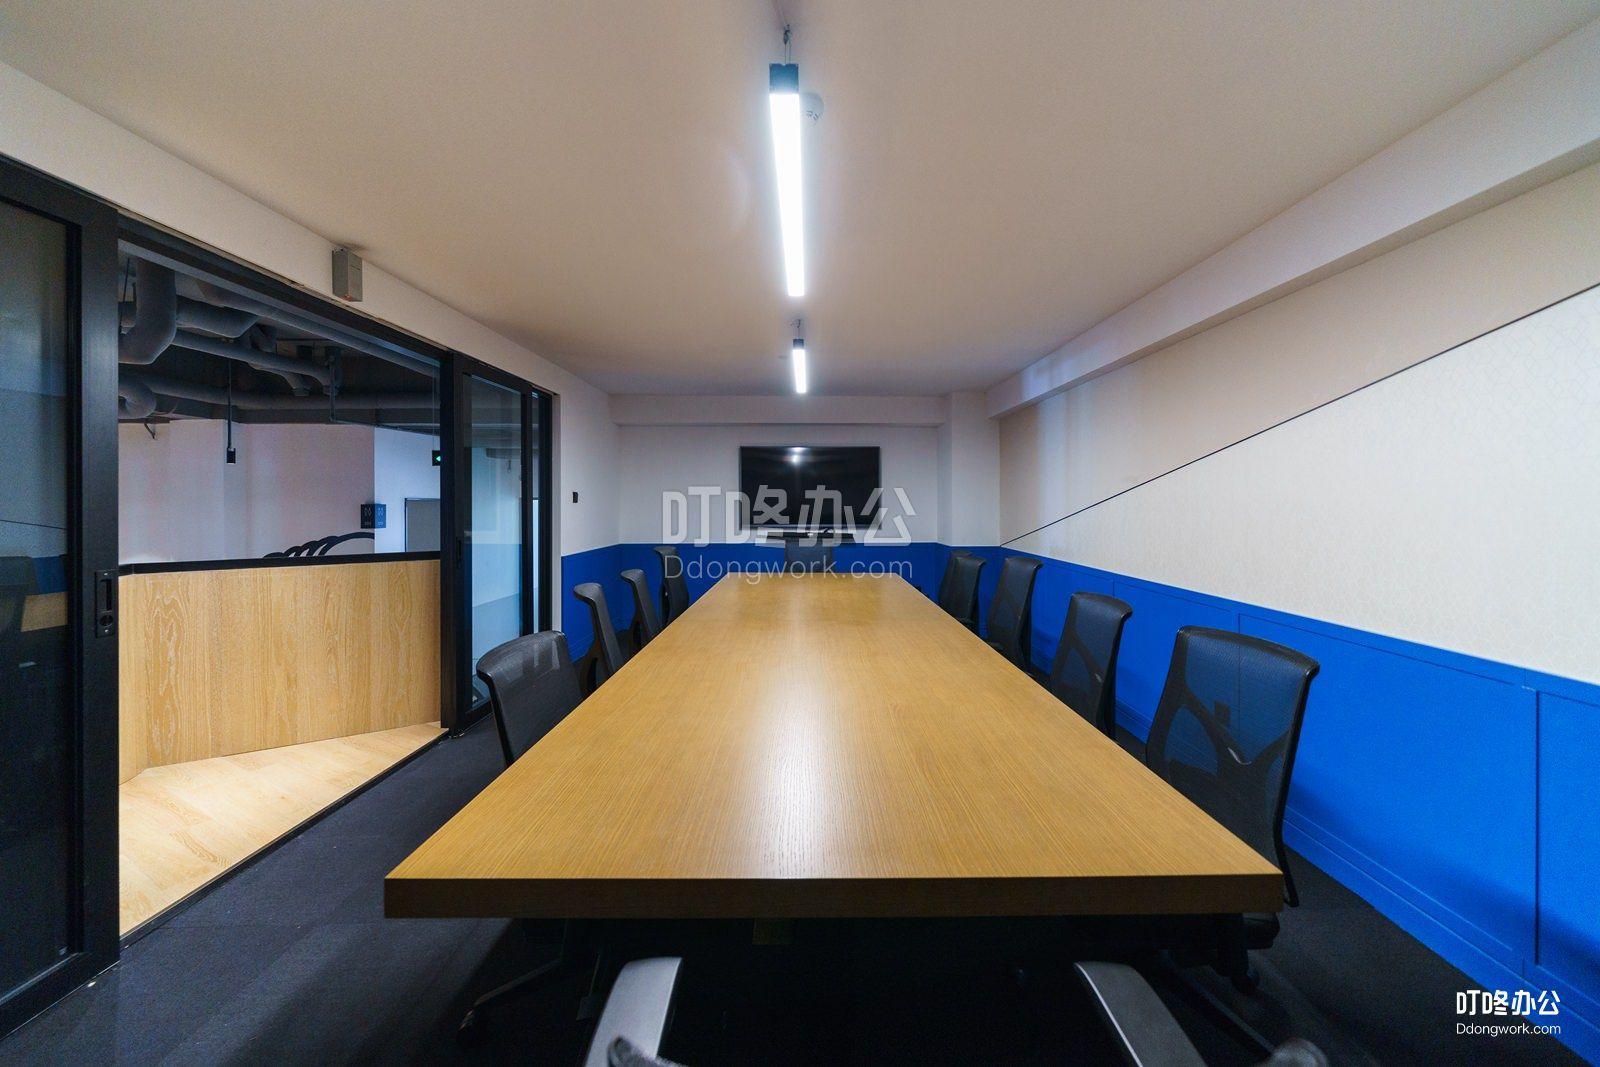 深圳Unic•优客工场会议室